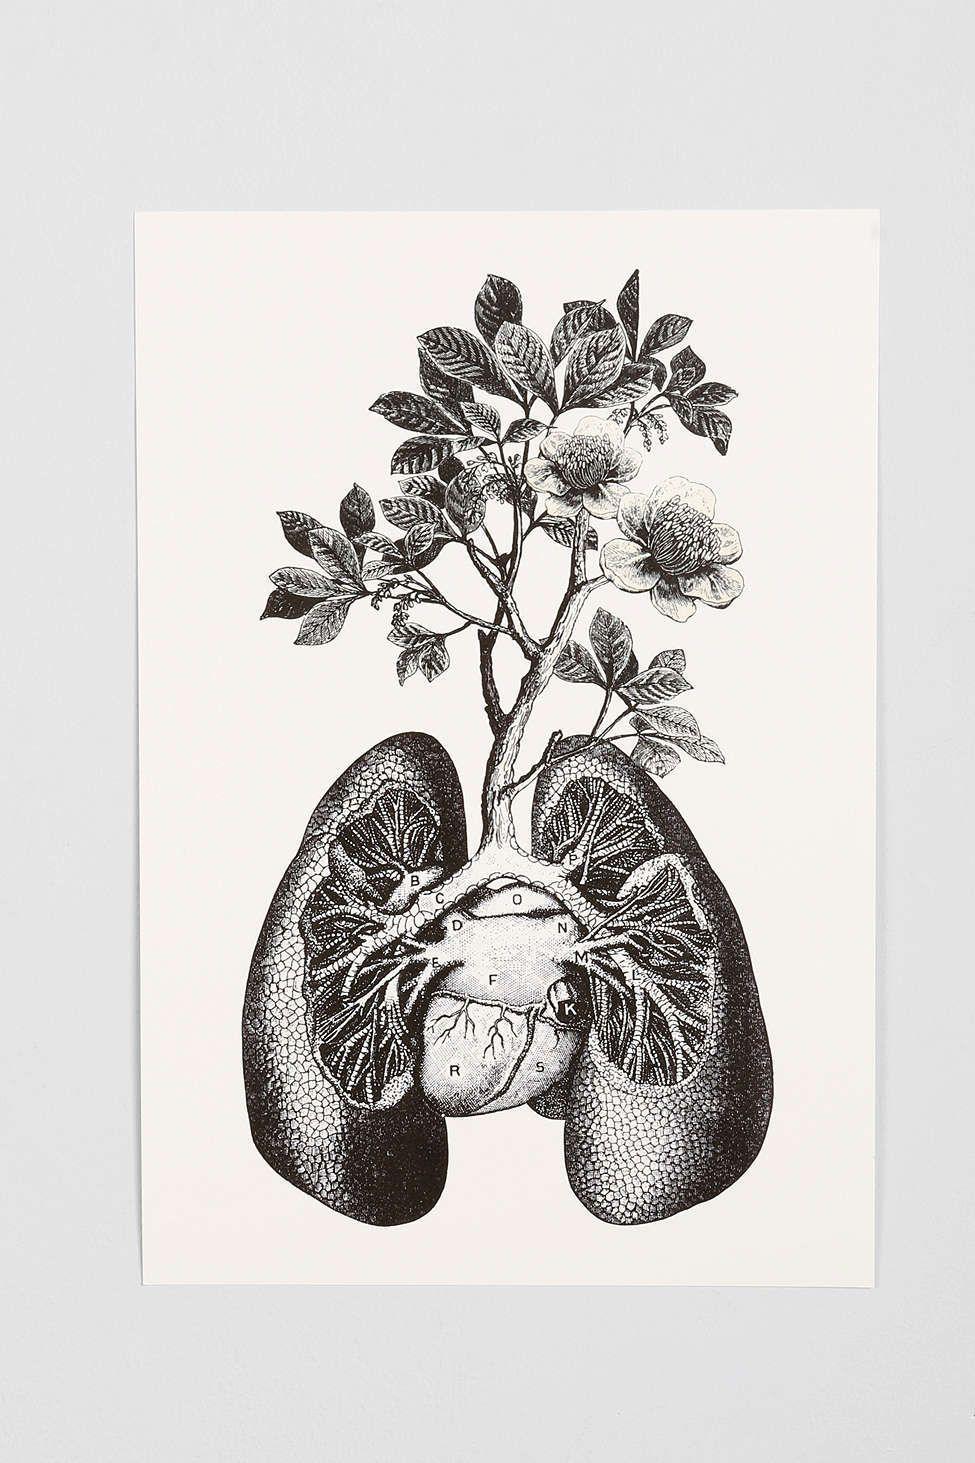 lungs art drawing wwwpixsharkcom images galleries